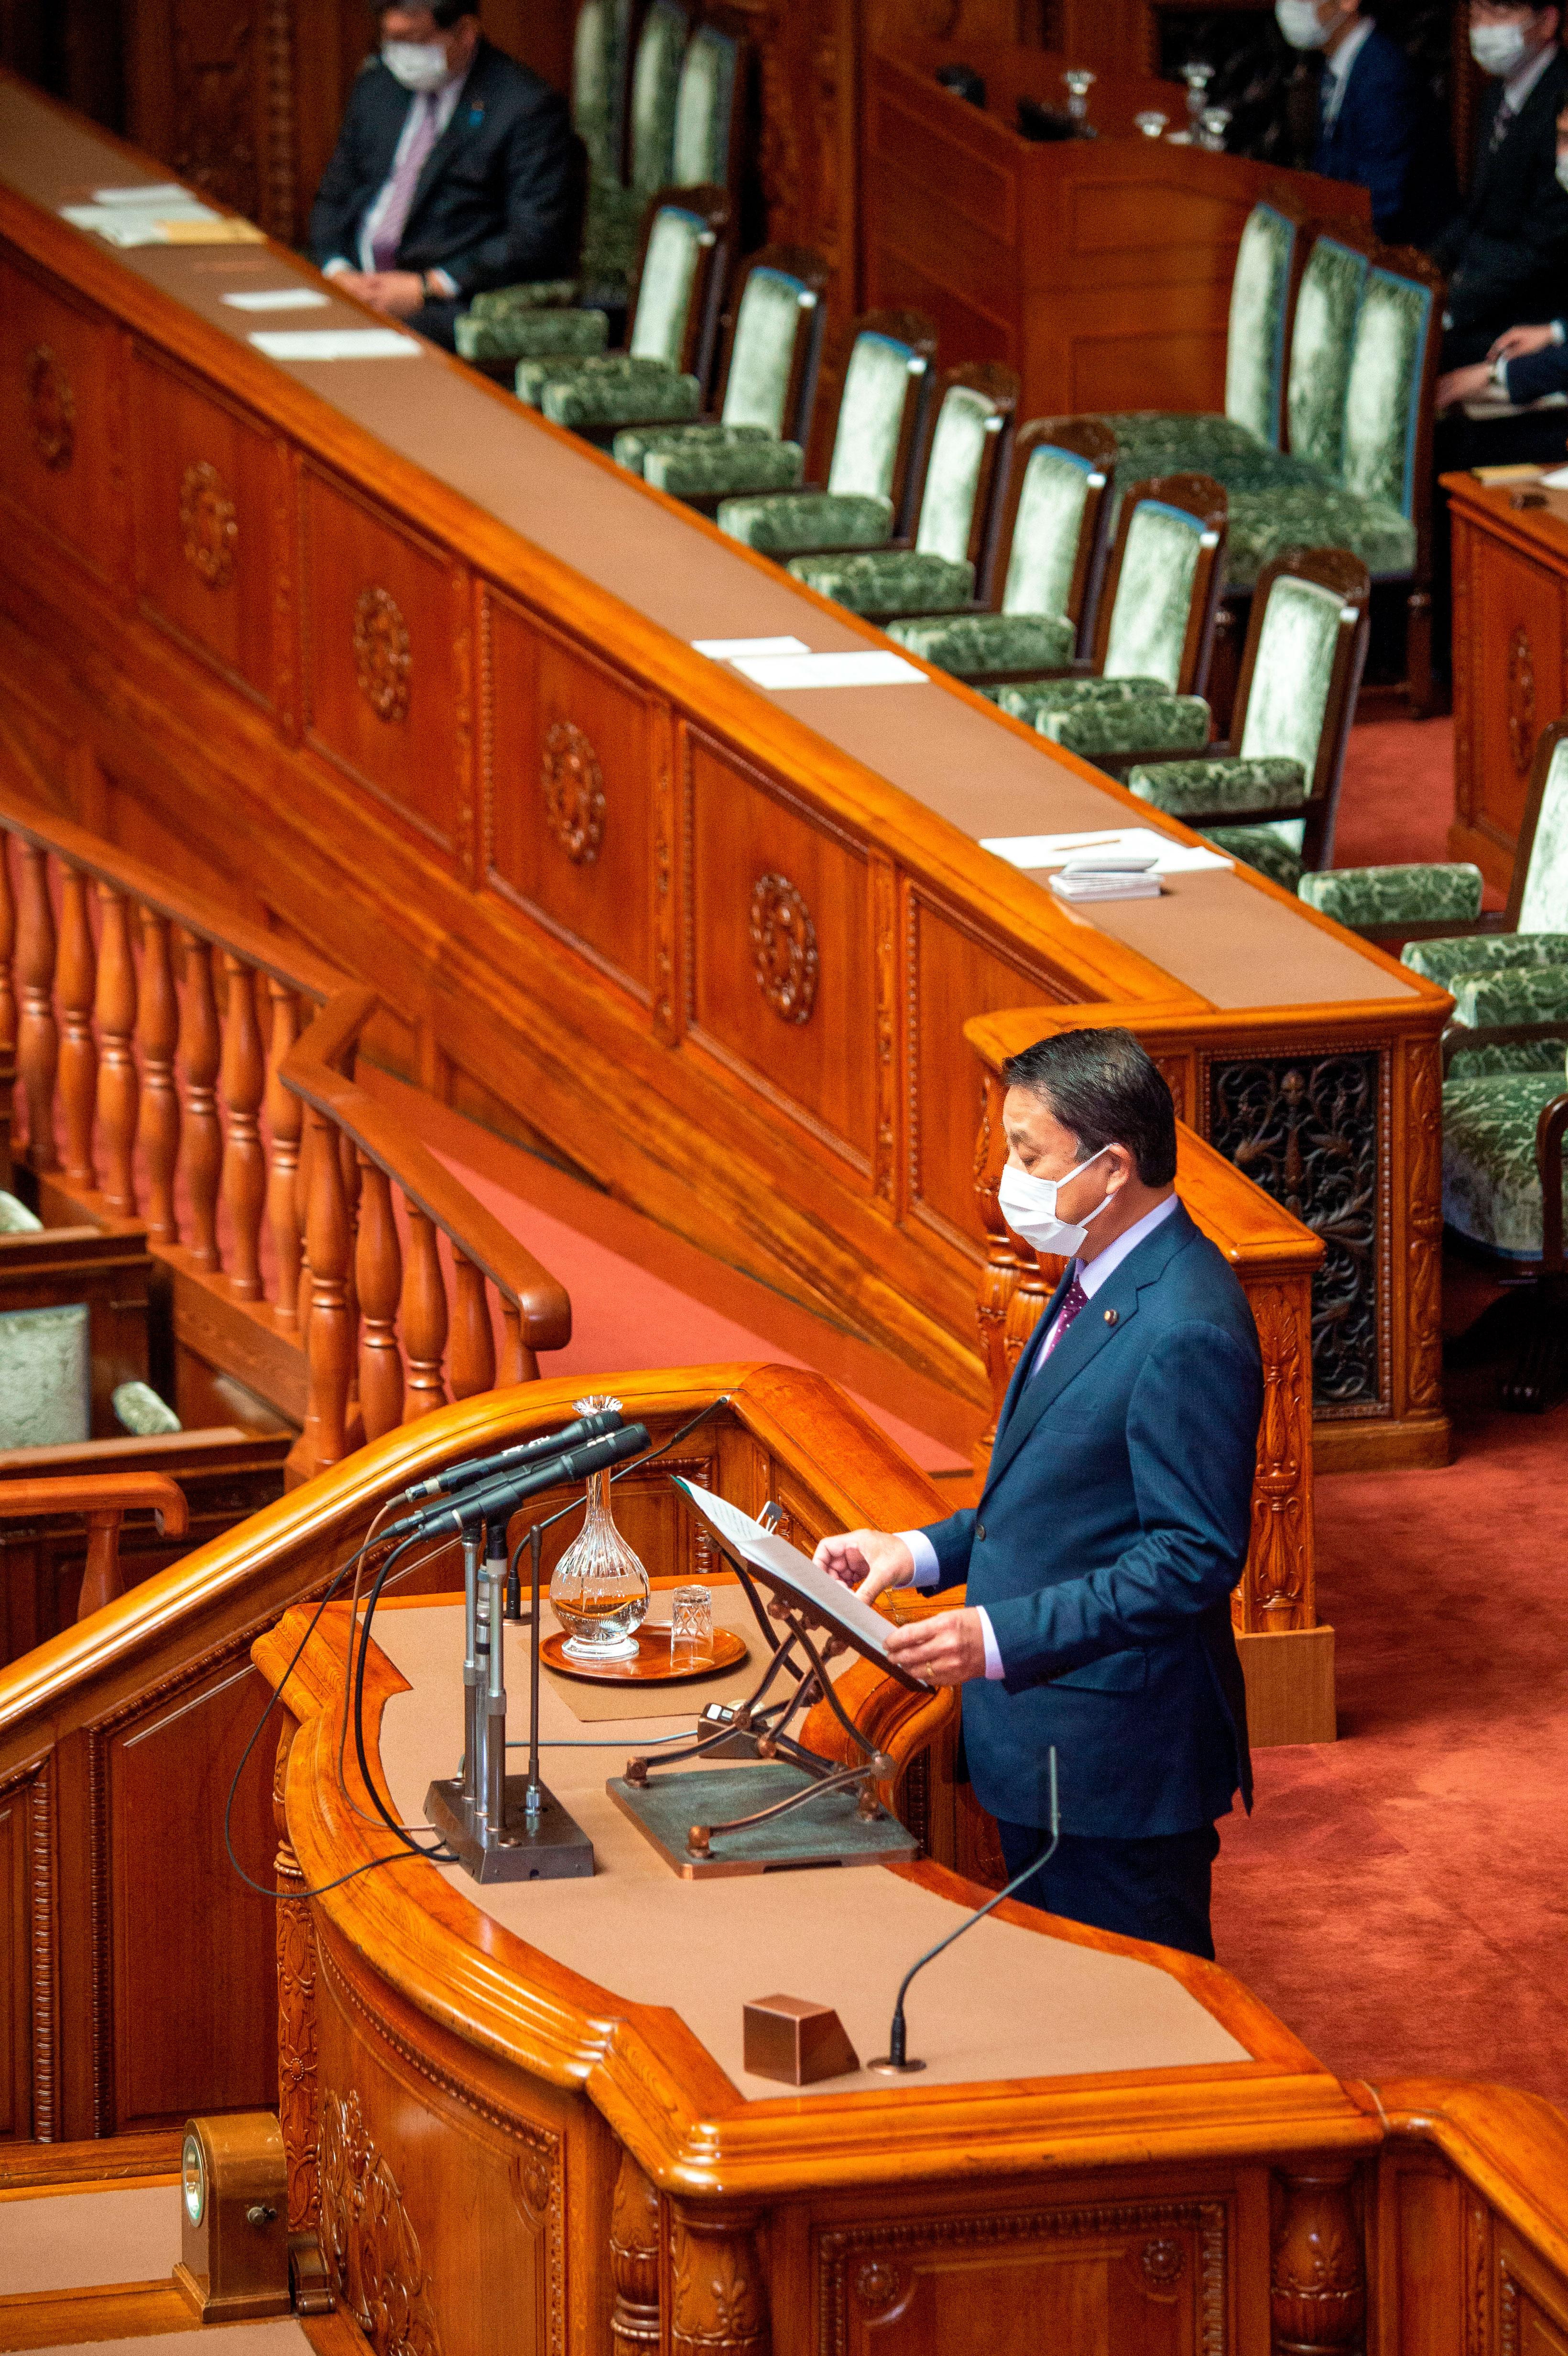 参院本会議】那谷屋正義議員が35人学級法案に賛成討論 - 立憲民主党